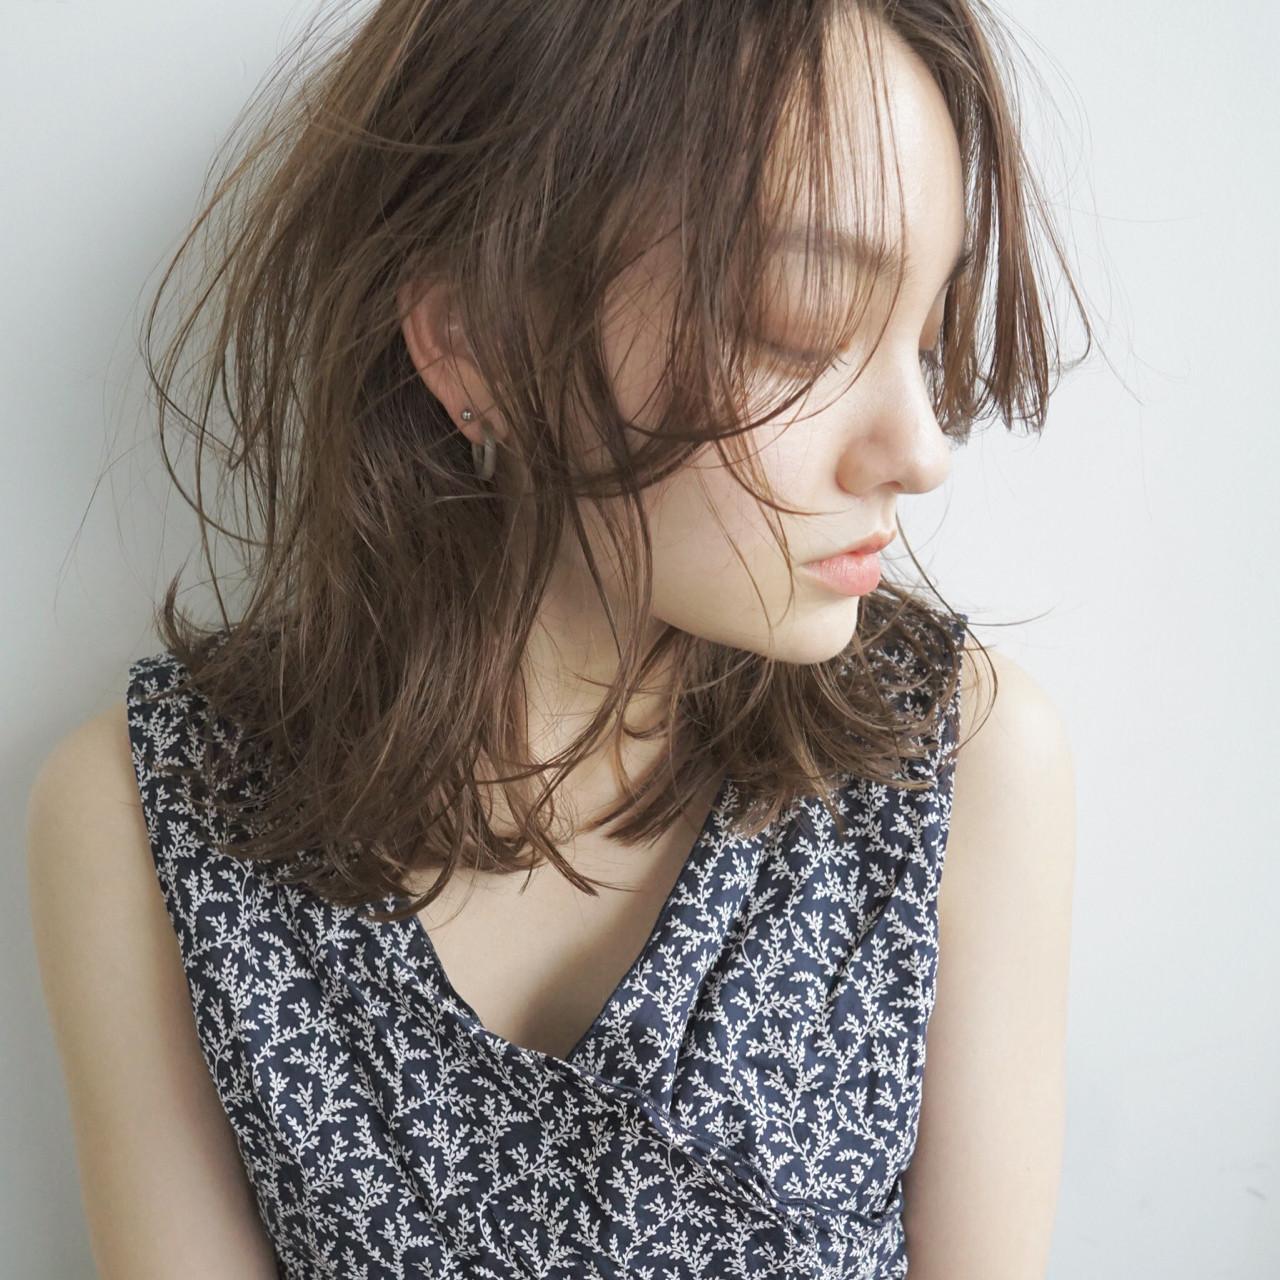 【猫っ毛の方必見☆】おすすめヘアケアと似合うヘアスタイル特集♡の2枚目の画像